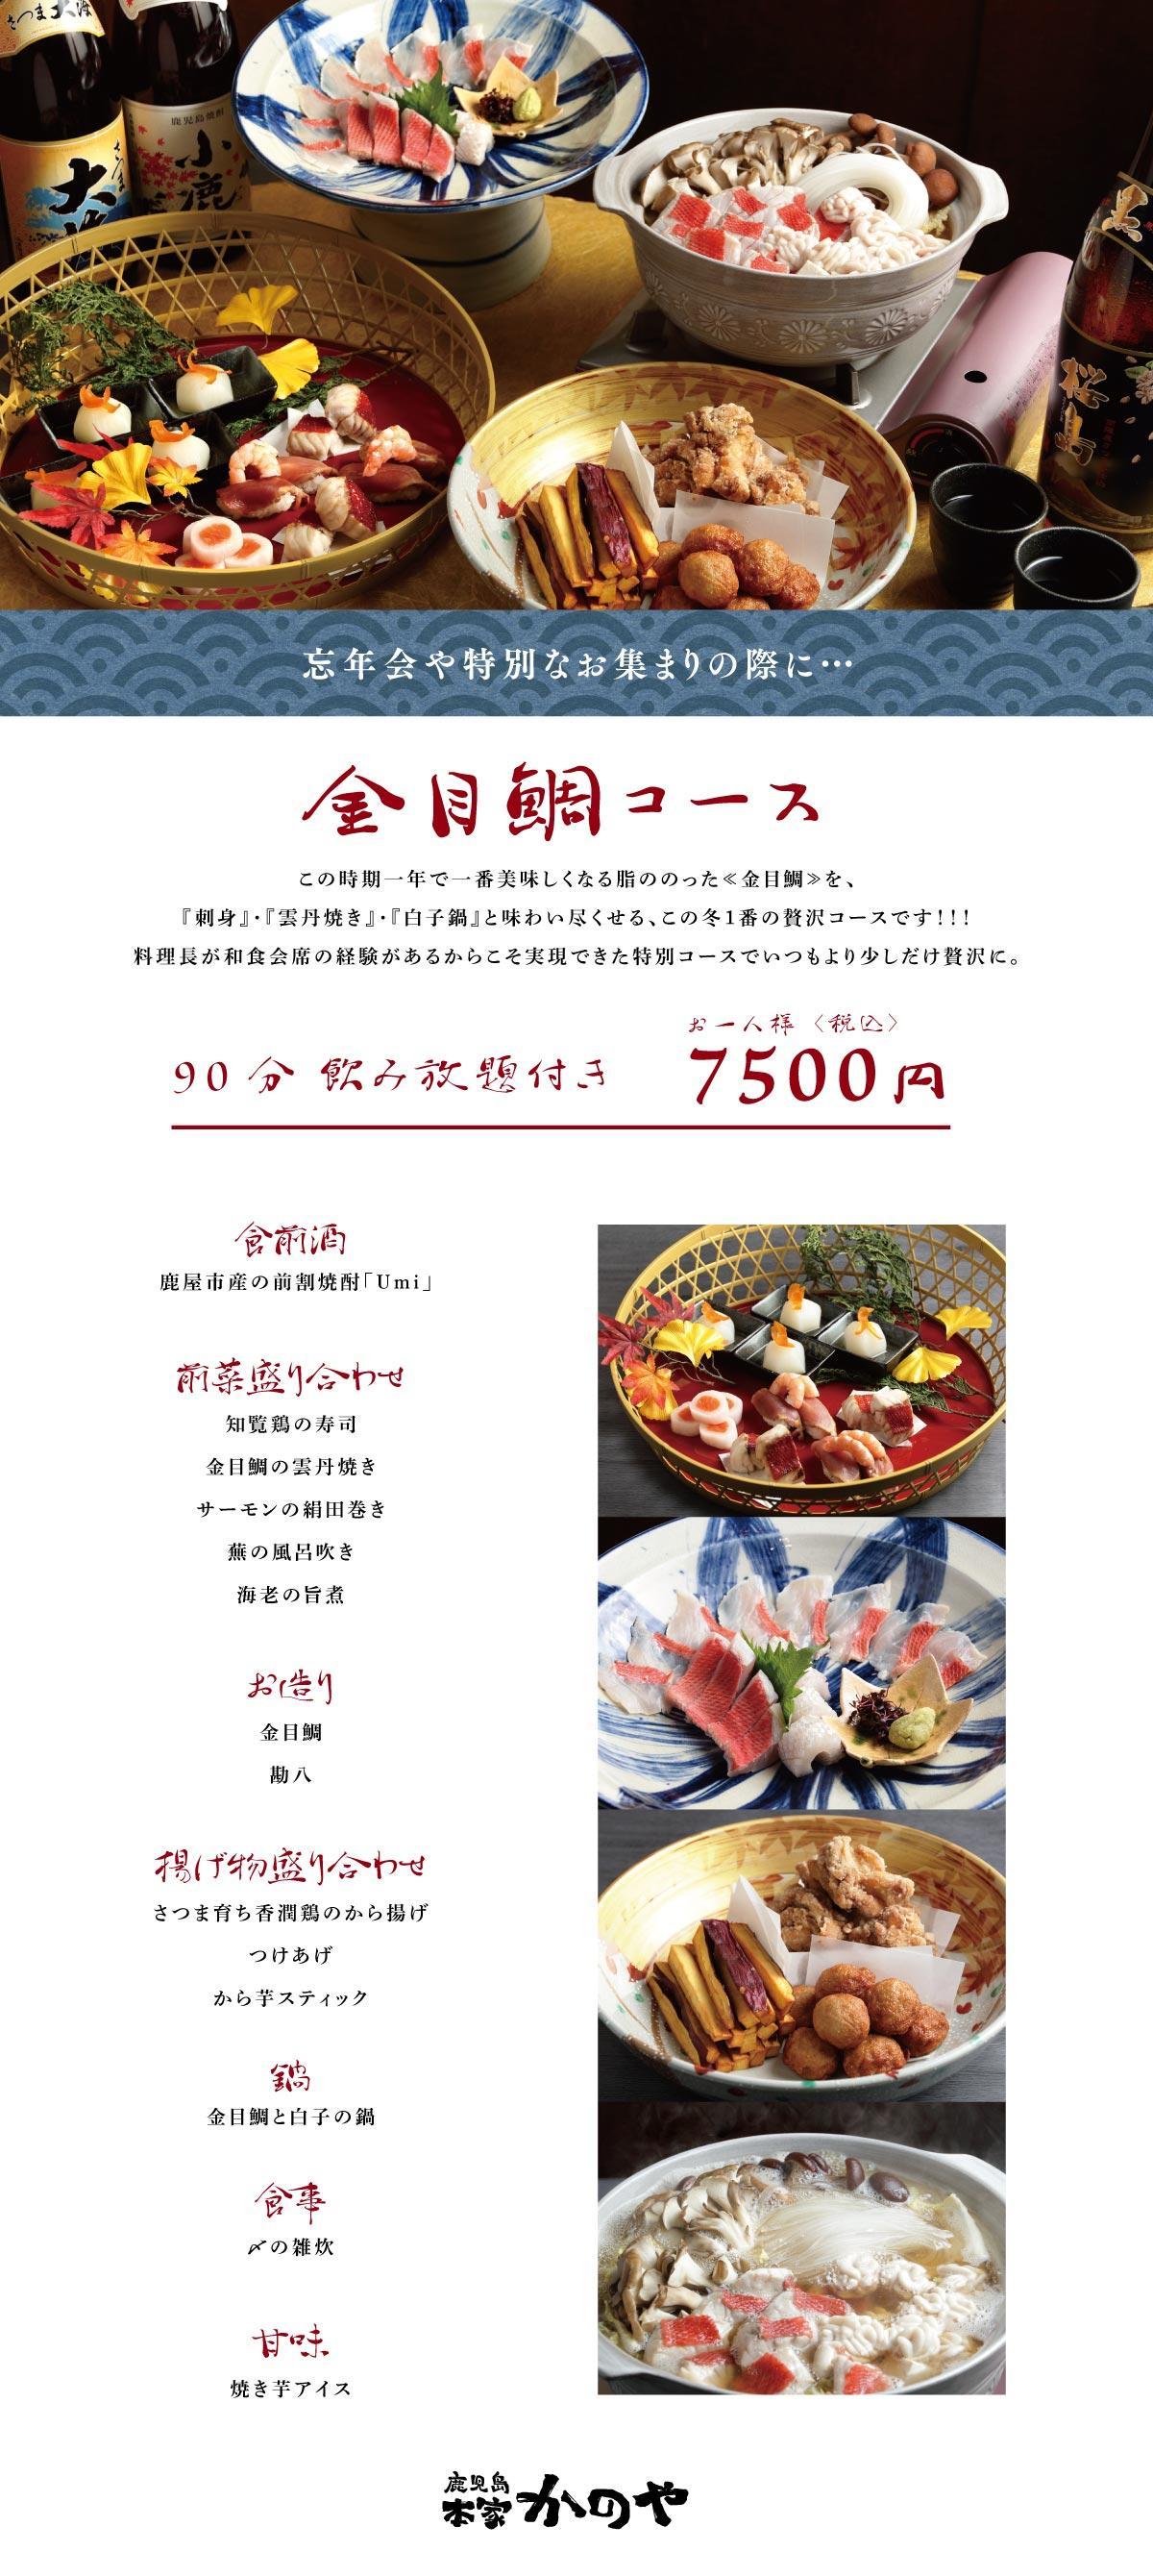 kanoya_1711_web_enkai_2.jpg